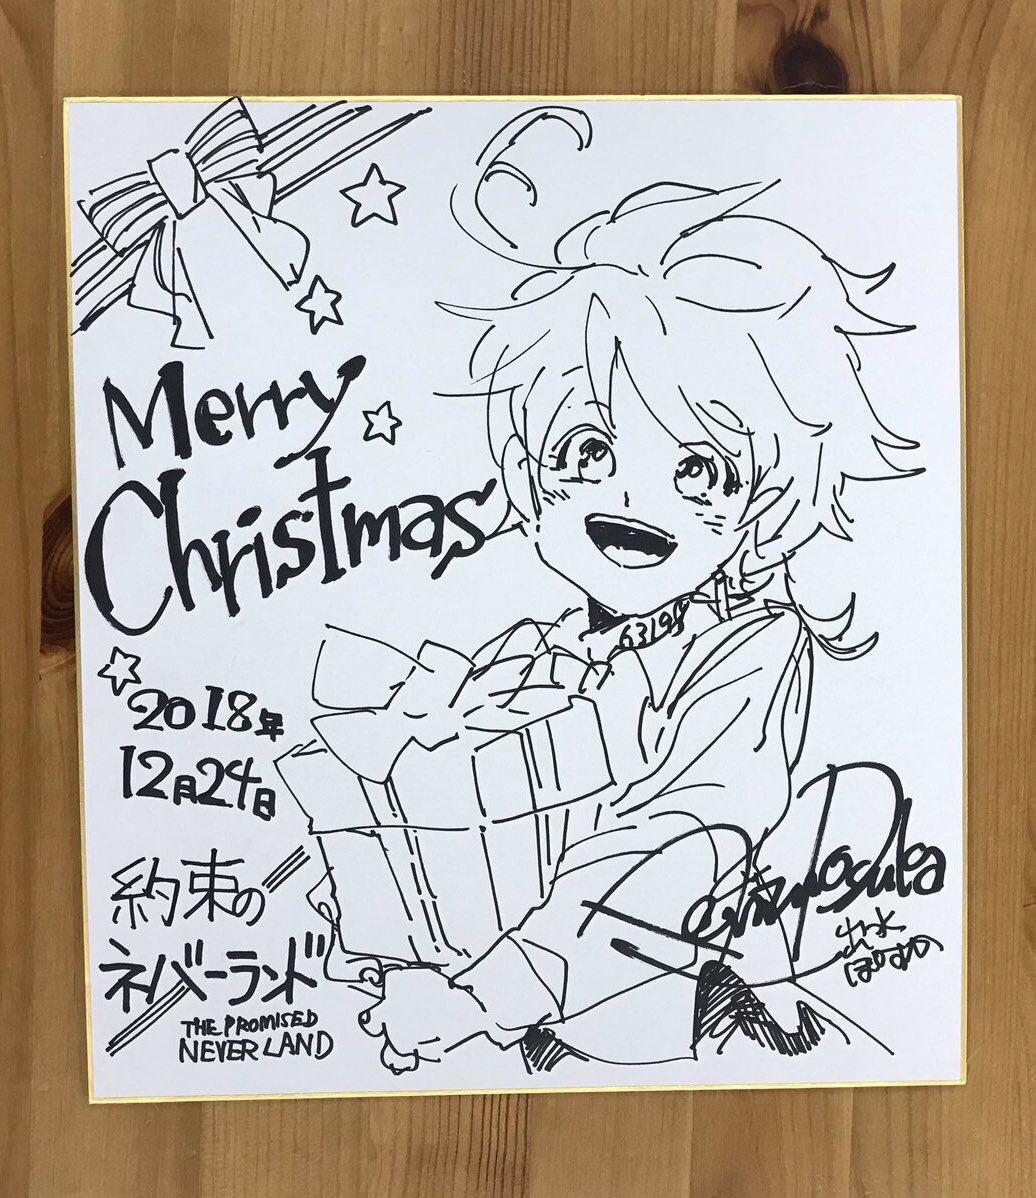 【🎄約ネバ Xmasプレゼントキャンペーン‼︎🎄】 #約ネバ から、みんなにとっておきのクリスマスプレゼントッ‼︎  🎁その1 ①@yakuneba_staffをフォロー ②このツイートをRT  で、出水ぽすか先生描き下ろしSPサイン色紙を抽選で1名にプレゼント‼︎  よい子のみんな、ぜひ応募を‼︎ 締切 12/30 23:59 https://t.co/mrcI3xEotT